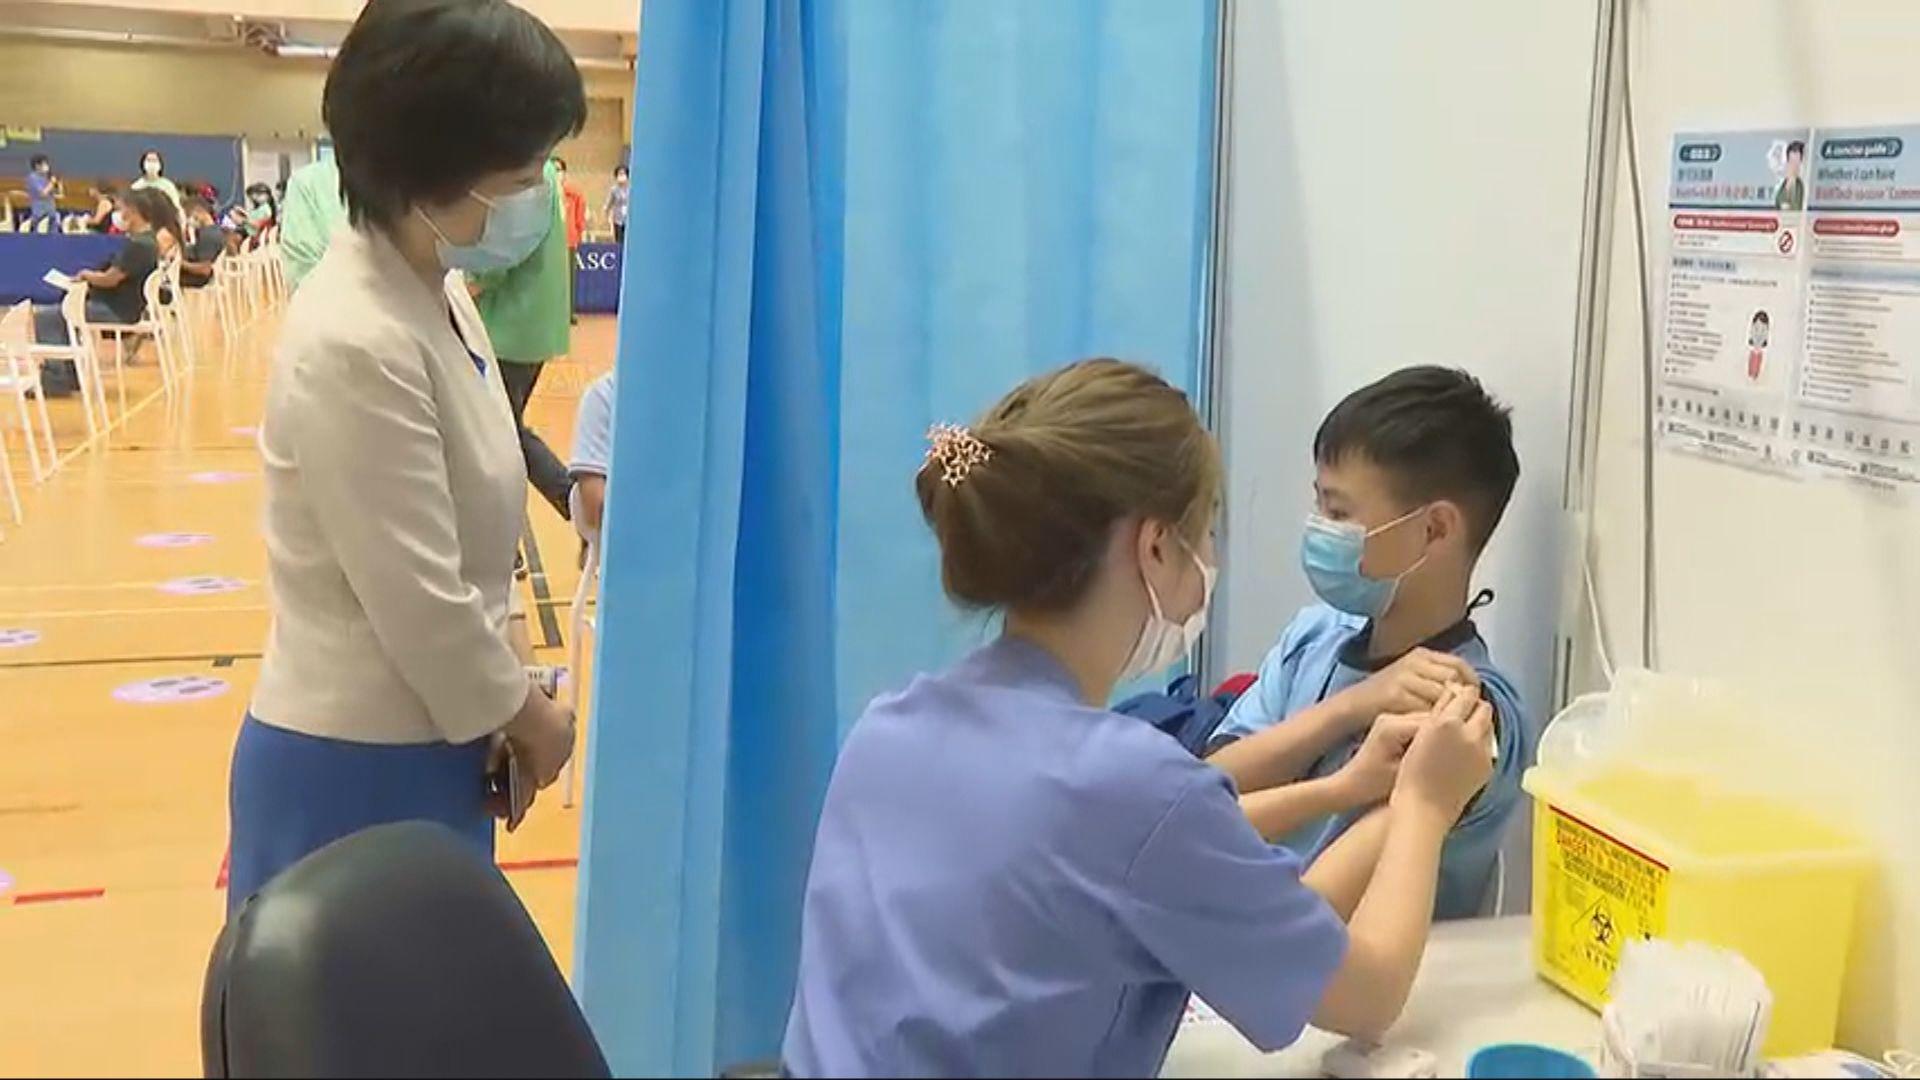 首間學校以團體預約到社區中心接種新冠疫苗